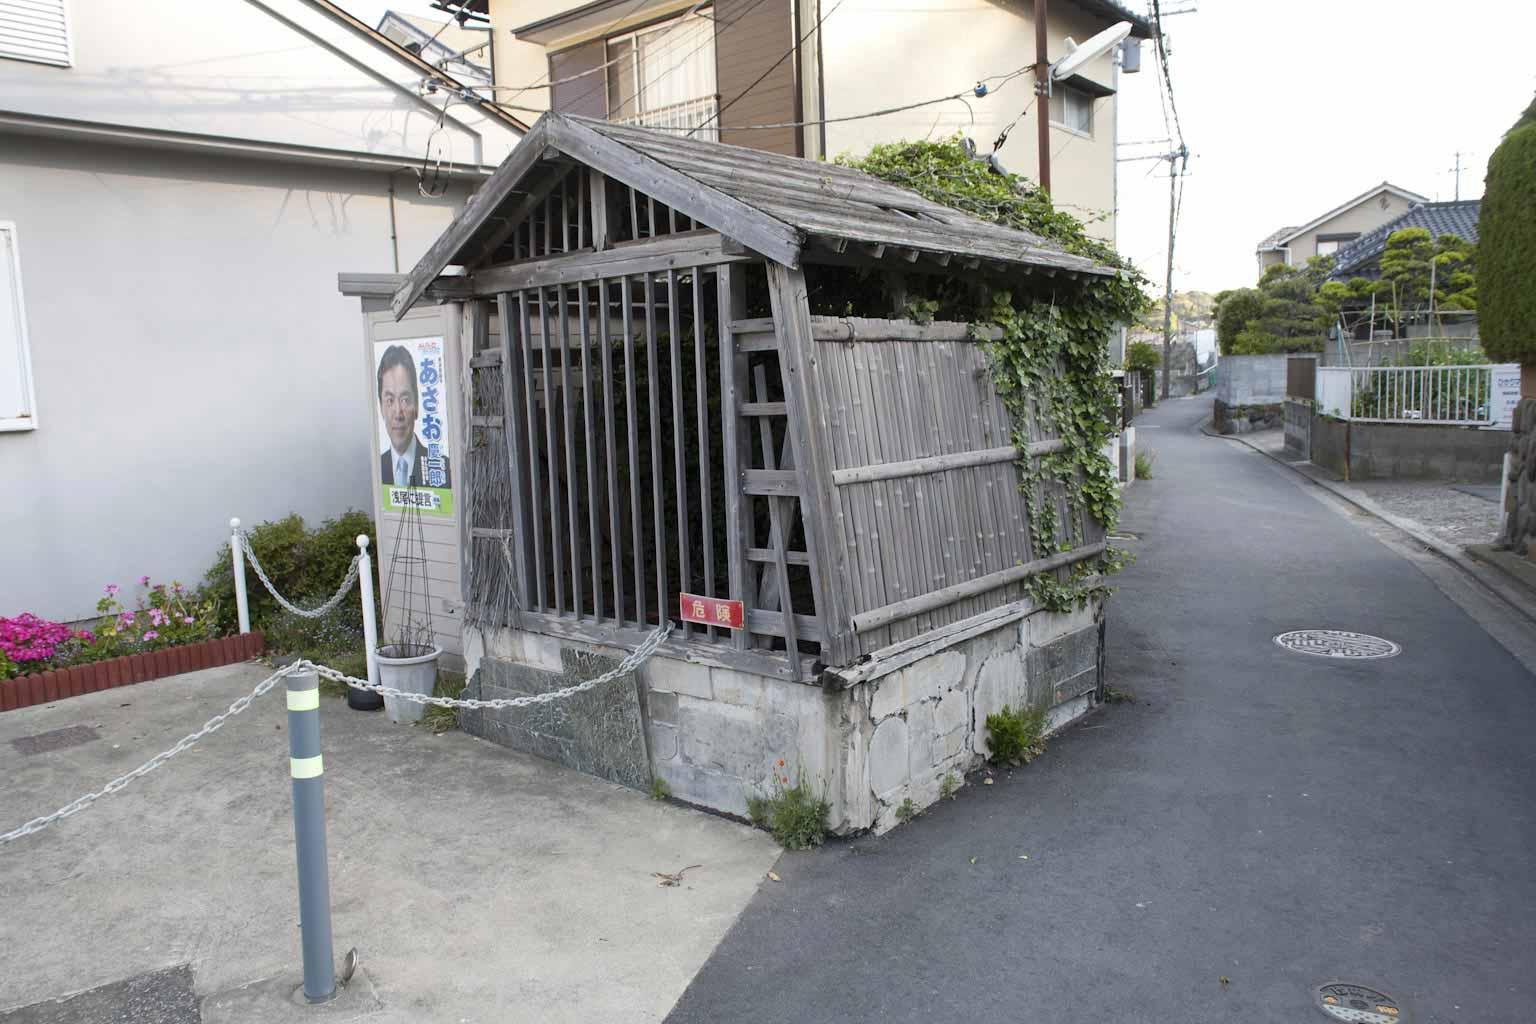 源氏ゆかりの地。六角ノ井は住宅地に埋もれるように残っています。